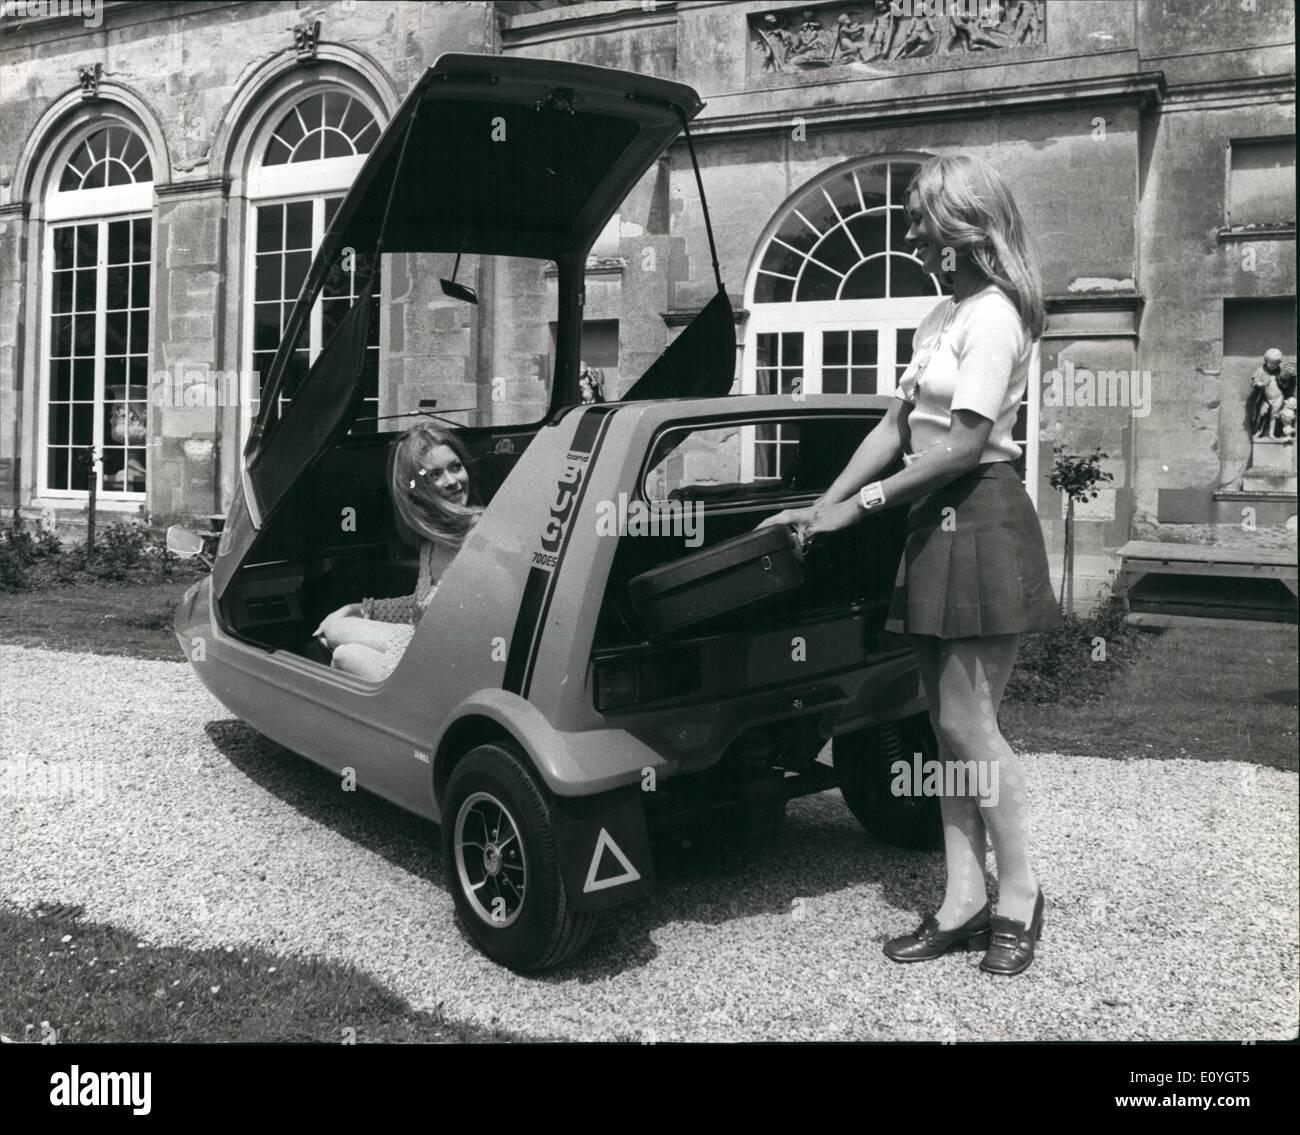 05 maggio 1970 - ''Bond Bug - La vettura della gioventù degli anni settanta: il legame Bug, un rivoluzionario biposto ha affermato di essere il primo veicolo progettato esclusivamente per il 17 a 25 gruppo di età, questo nuovo motore Rellante Produzione Gruppo avviato con la fiduciosa obiettivo di diventare grande come un trend setter nel suo campo nel corso degli anni settanta come la mini è stato negli ultimi ~~~~~. Tre versioni vengono offerti sono la base di 700 ''Bara Bug medaglia (al prezzo di ~548, 0.4) il 700E (~579.7.0), che ha la piena ~~ther attrezzature e styling raffinatezza~~e il 700ES (328.19 Immagini Stock